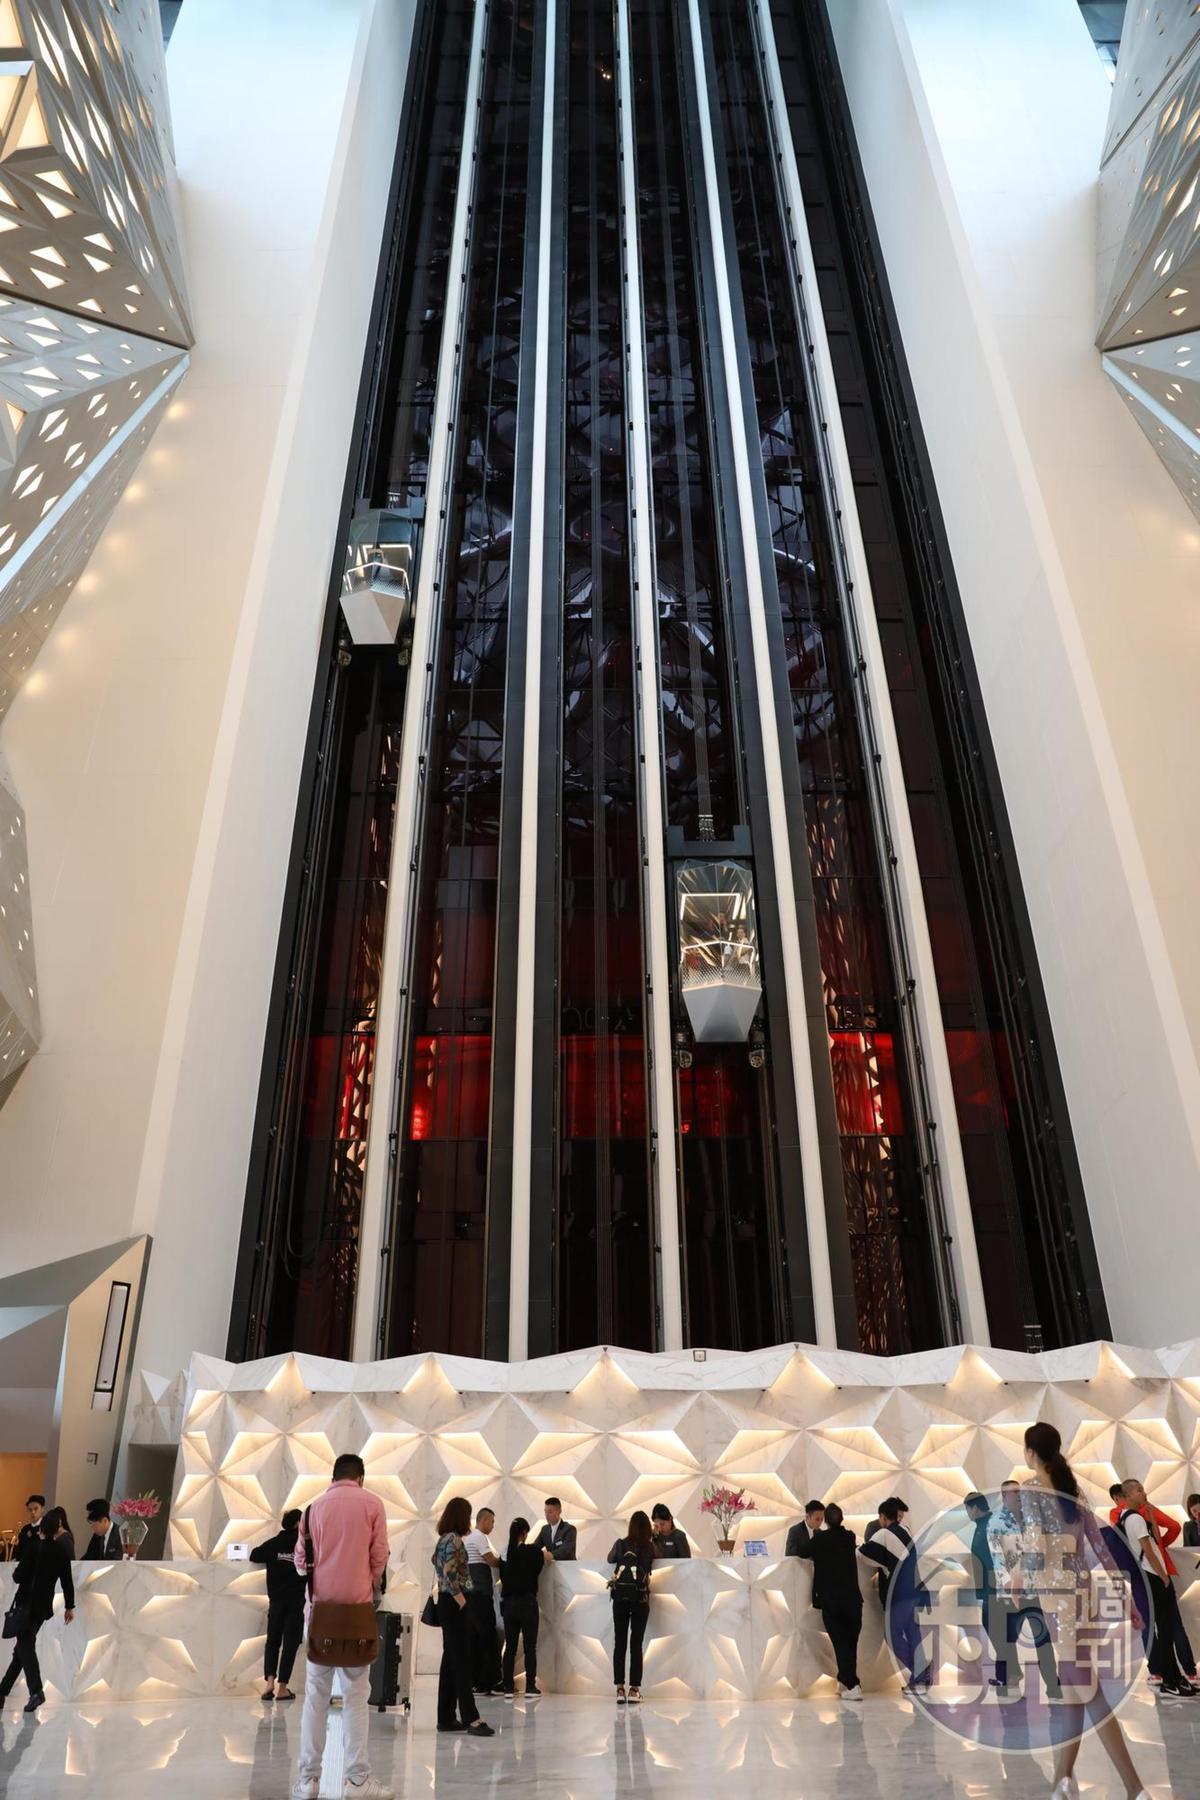 酒店大廳有35公尺高,兩旁是12台透明景觀電梯,電梯上上下下,來來回回,讓人上癮。